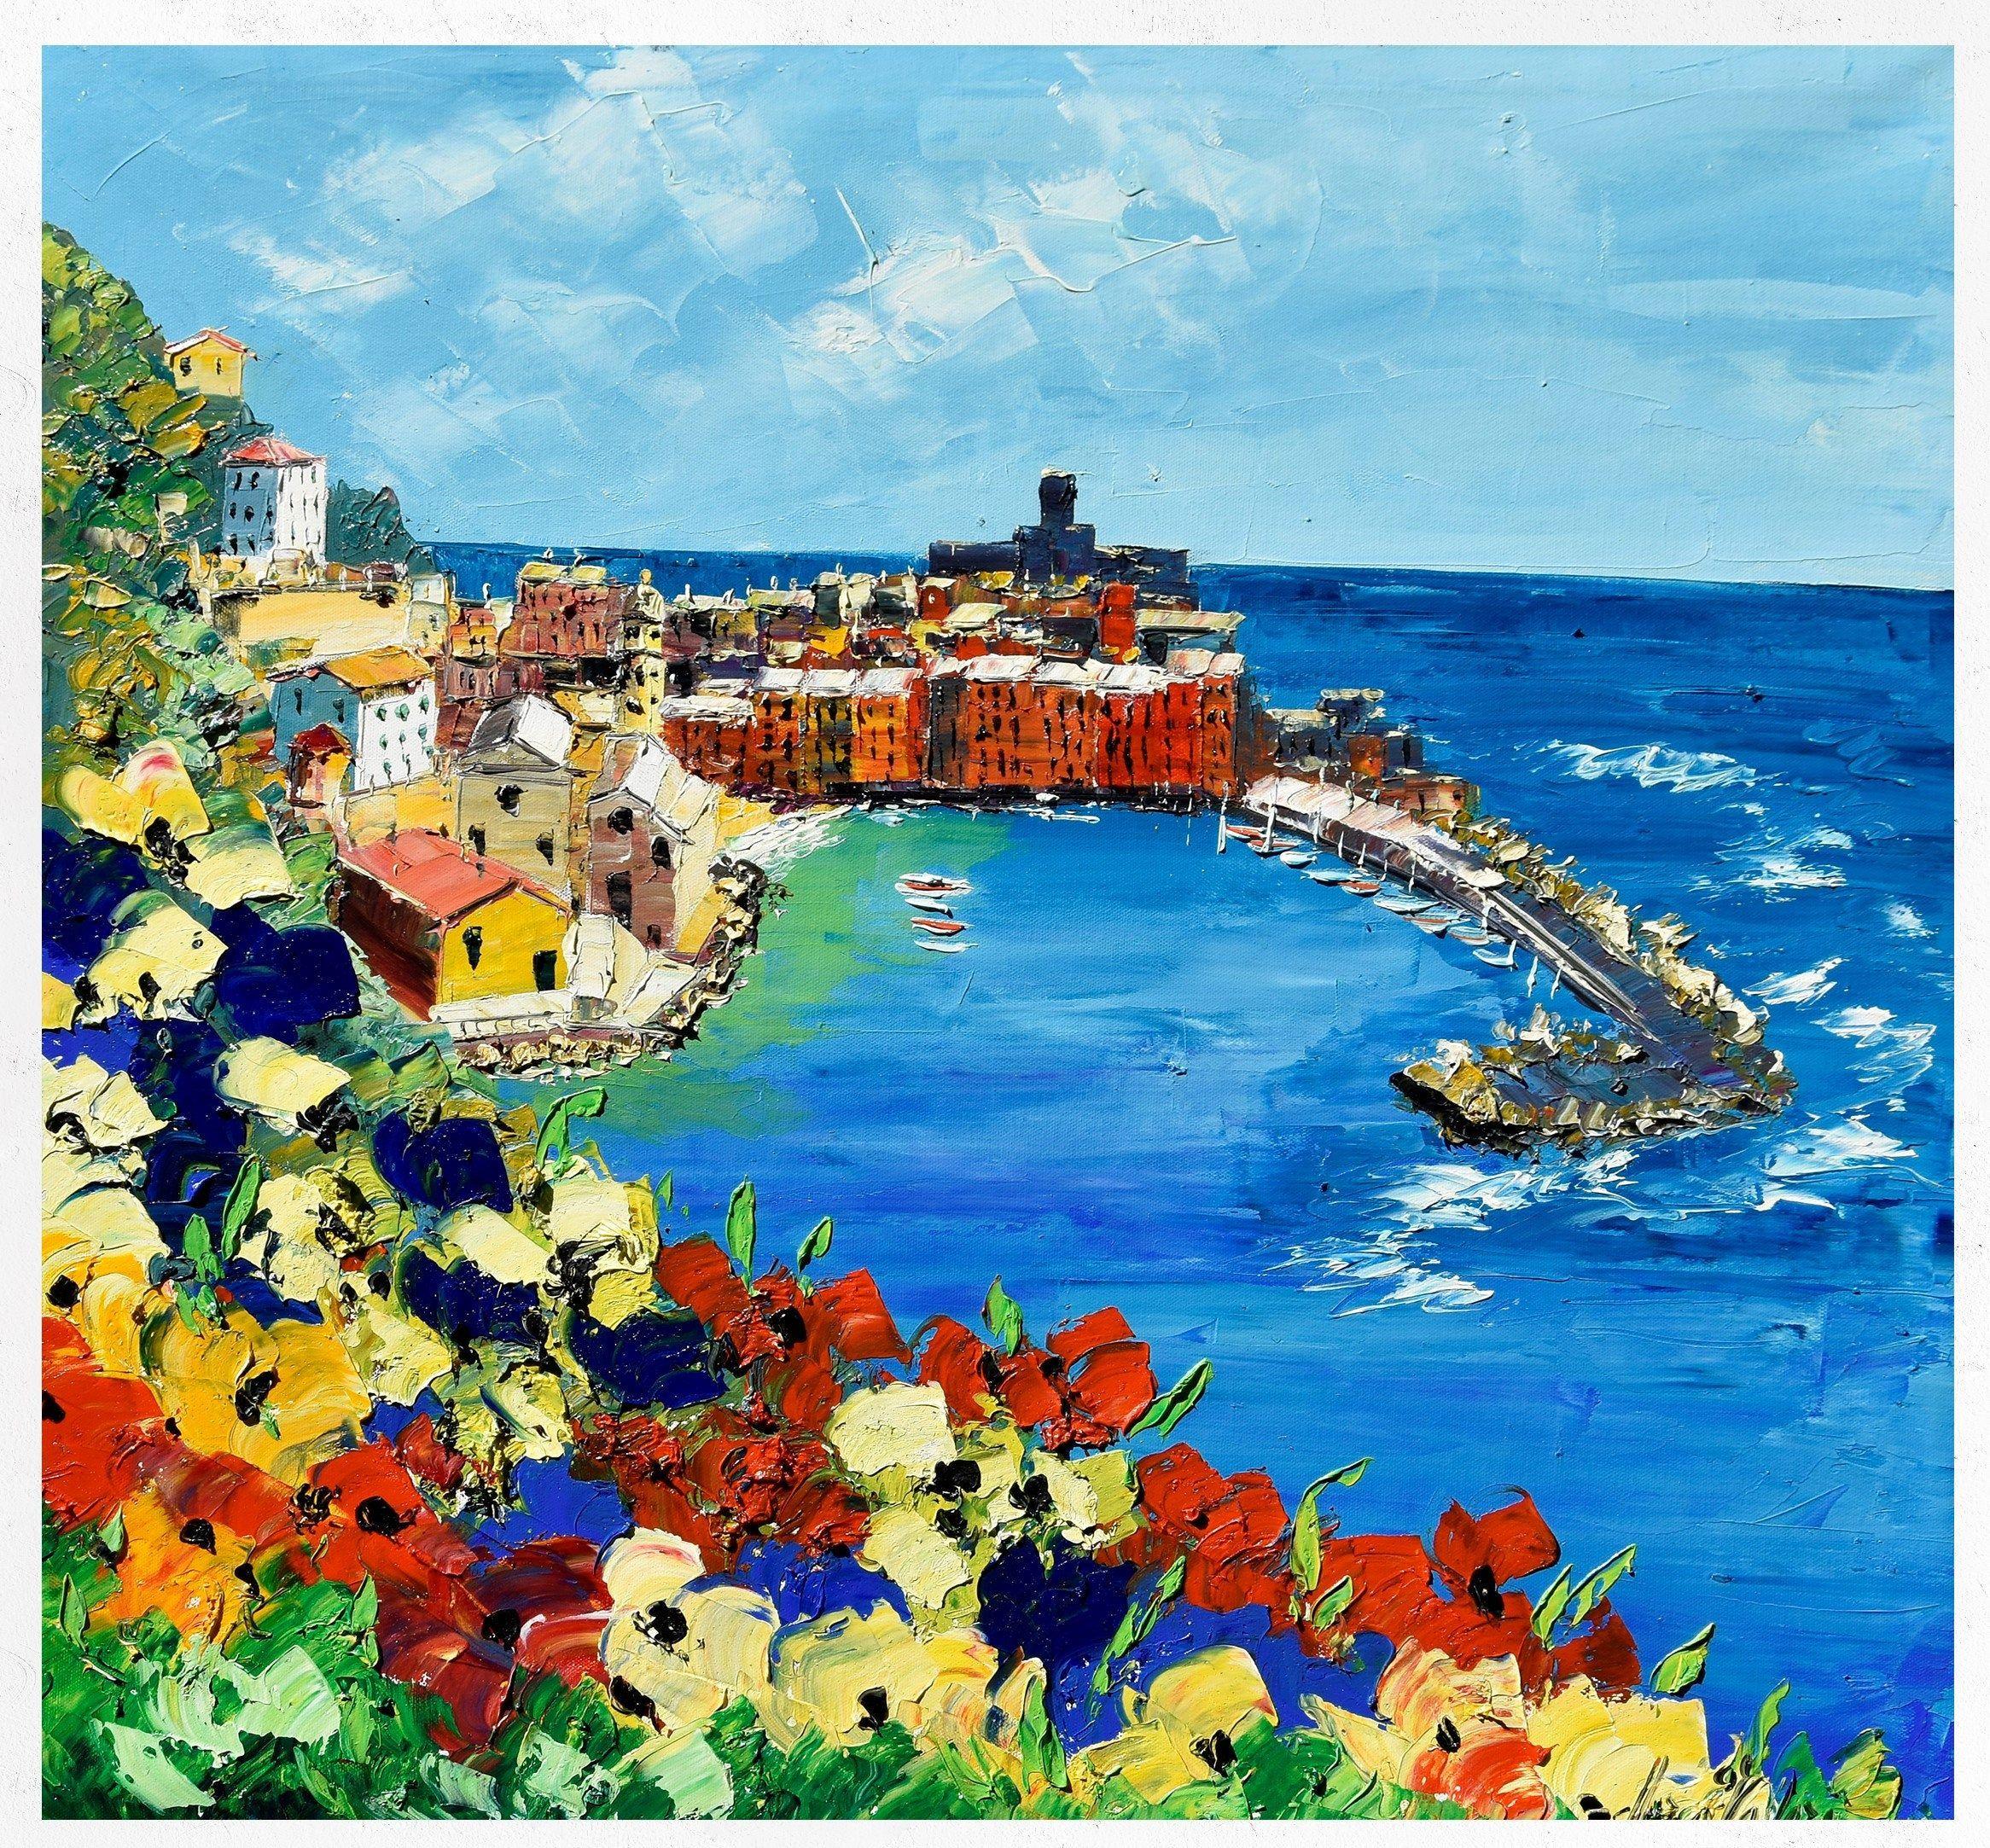 Pittura di Vernazza, Cinque Terre, pittura su tela ...